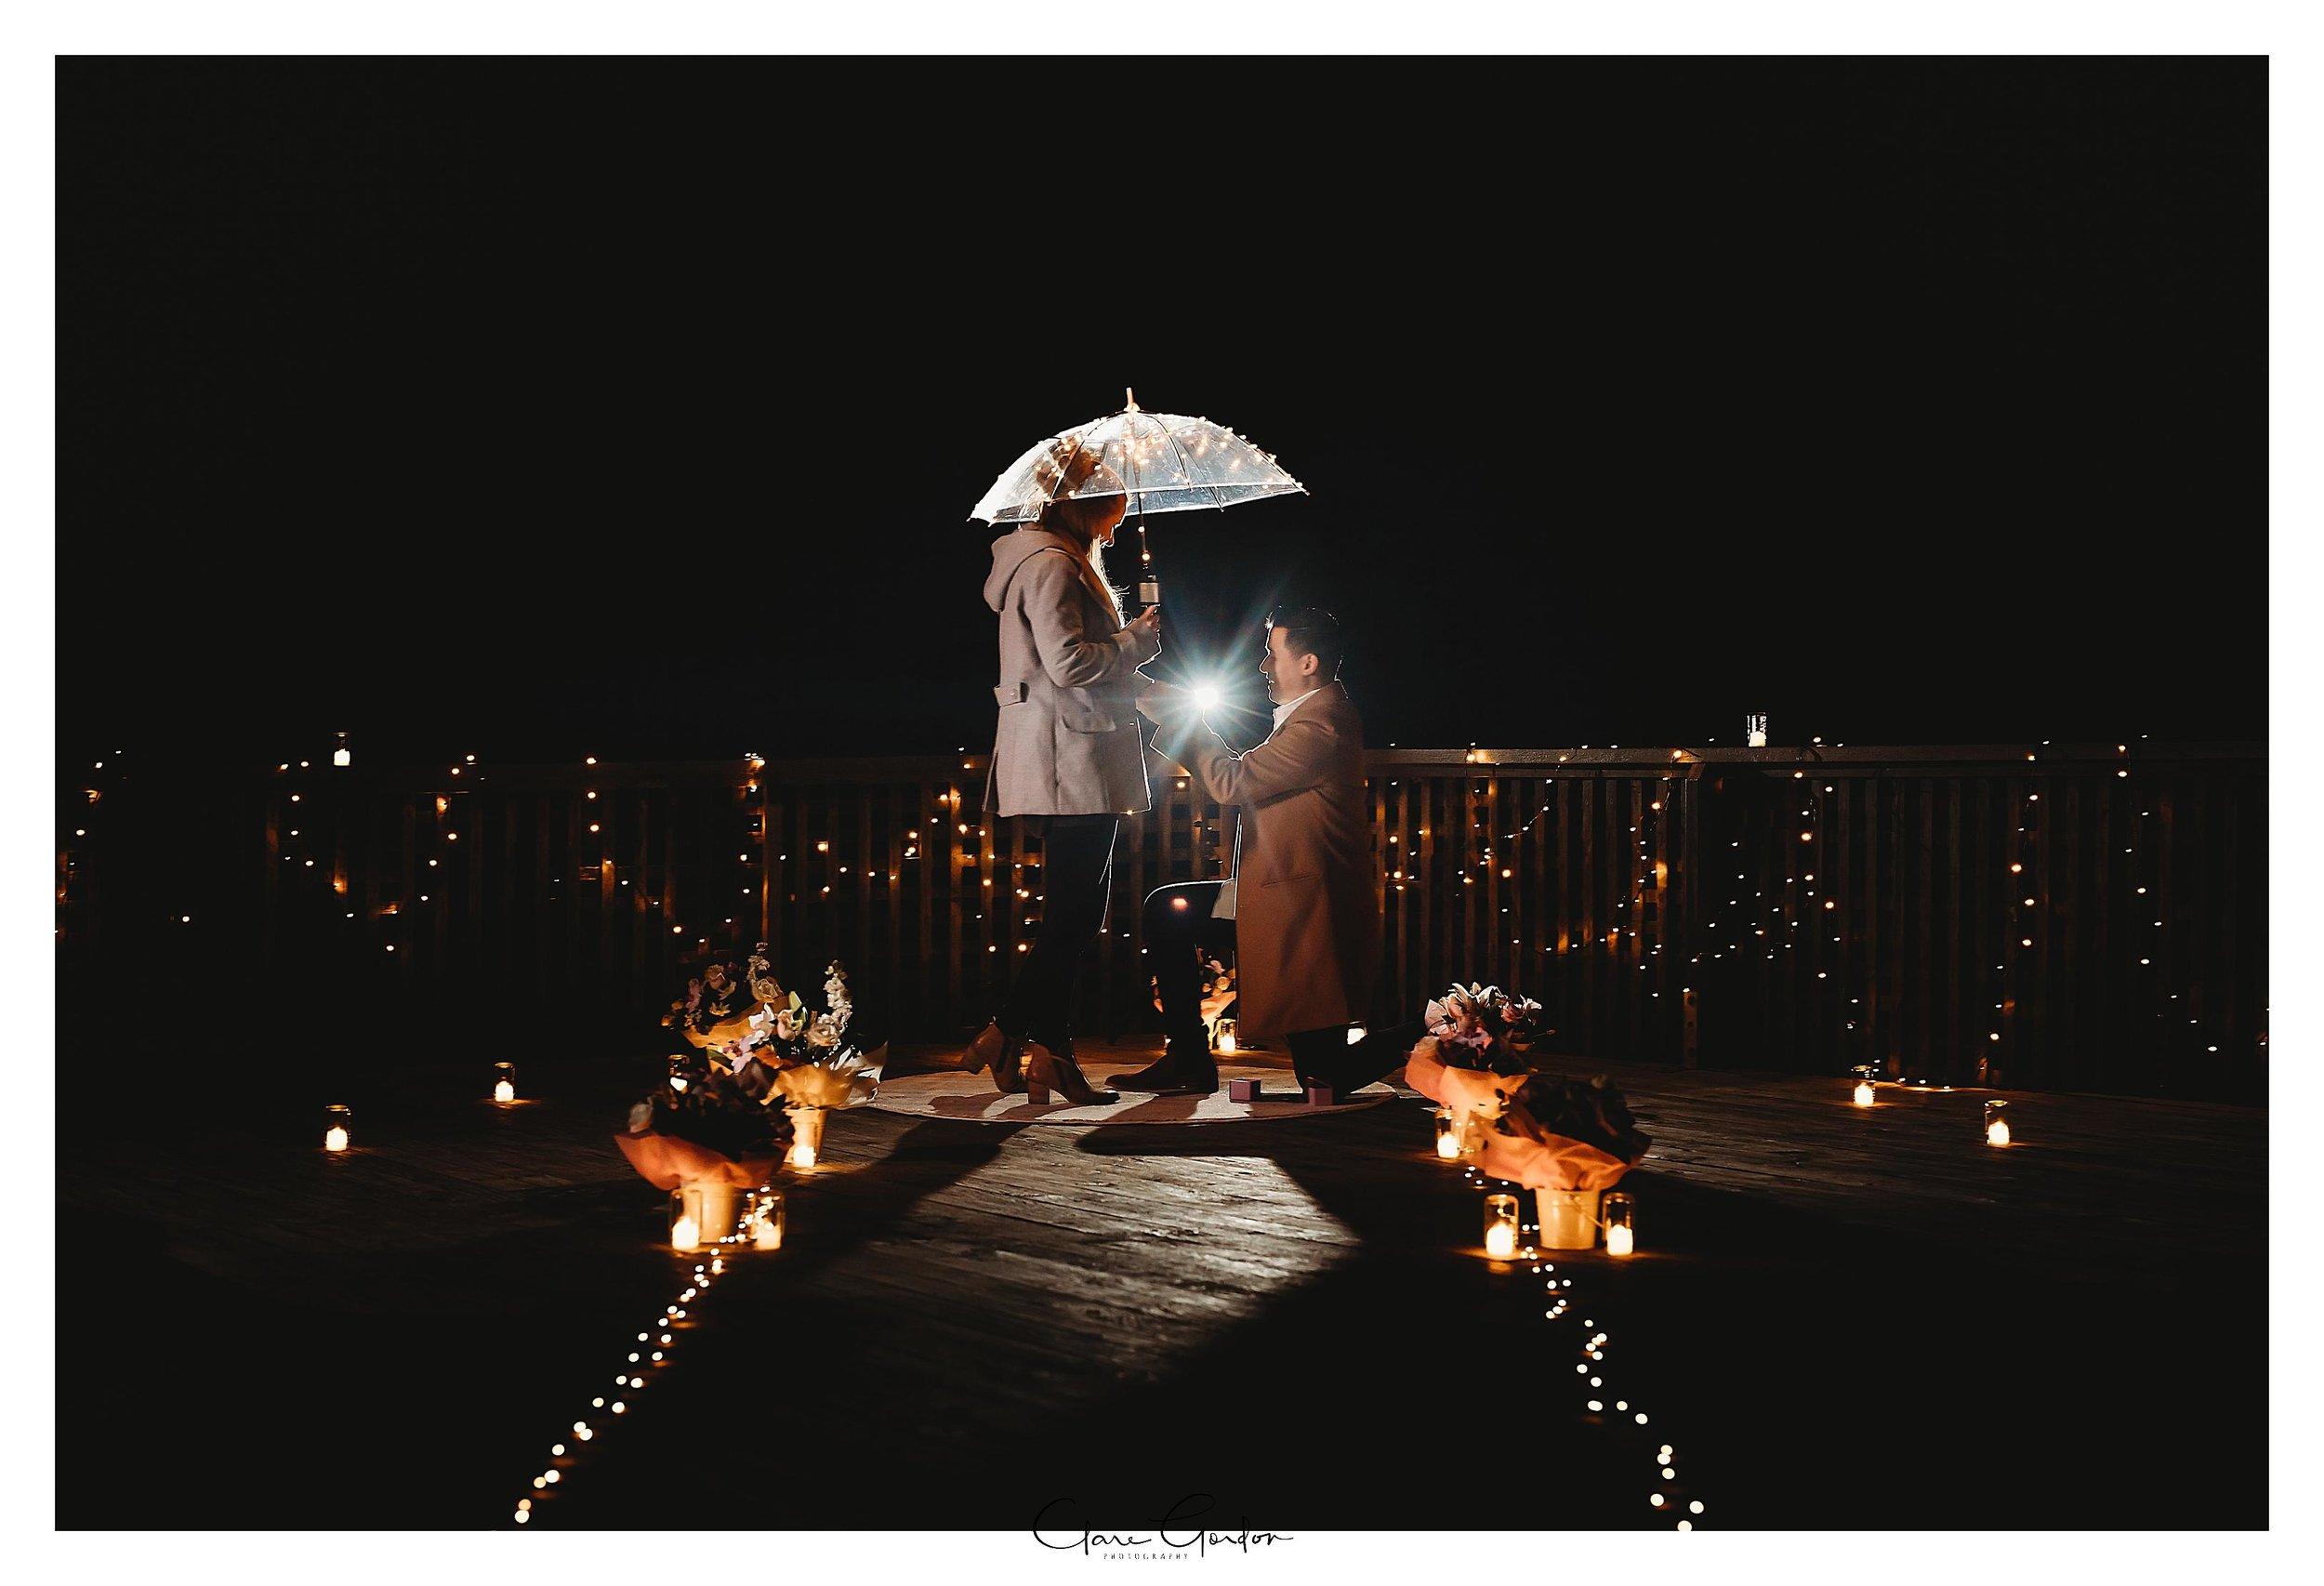 Suprise-Proposal-Engagement-photos-at-night-Raglan-Clare-Gordon-photography (8).jpg